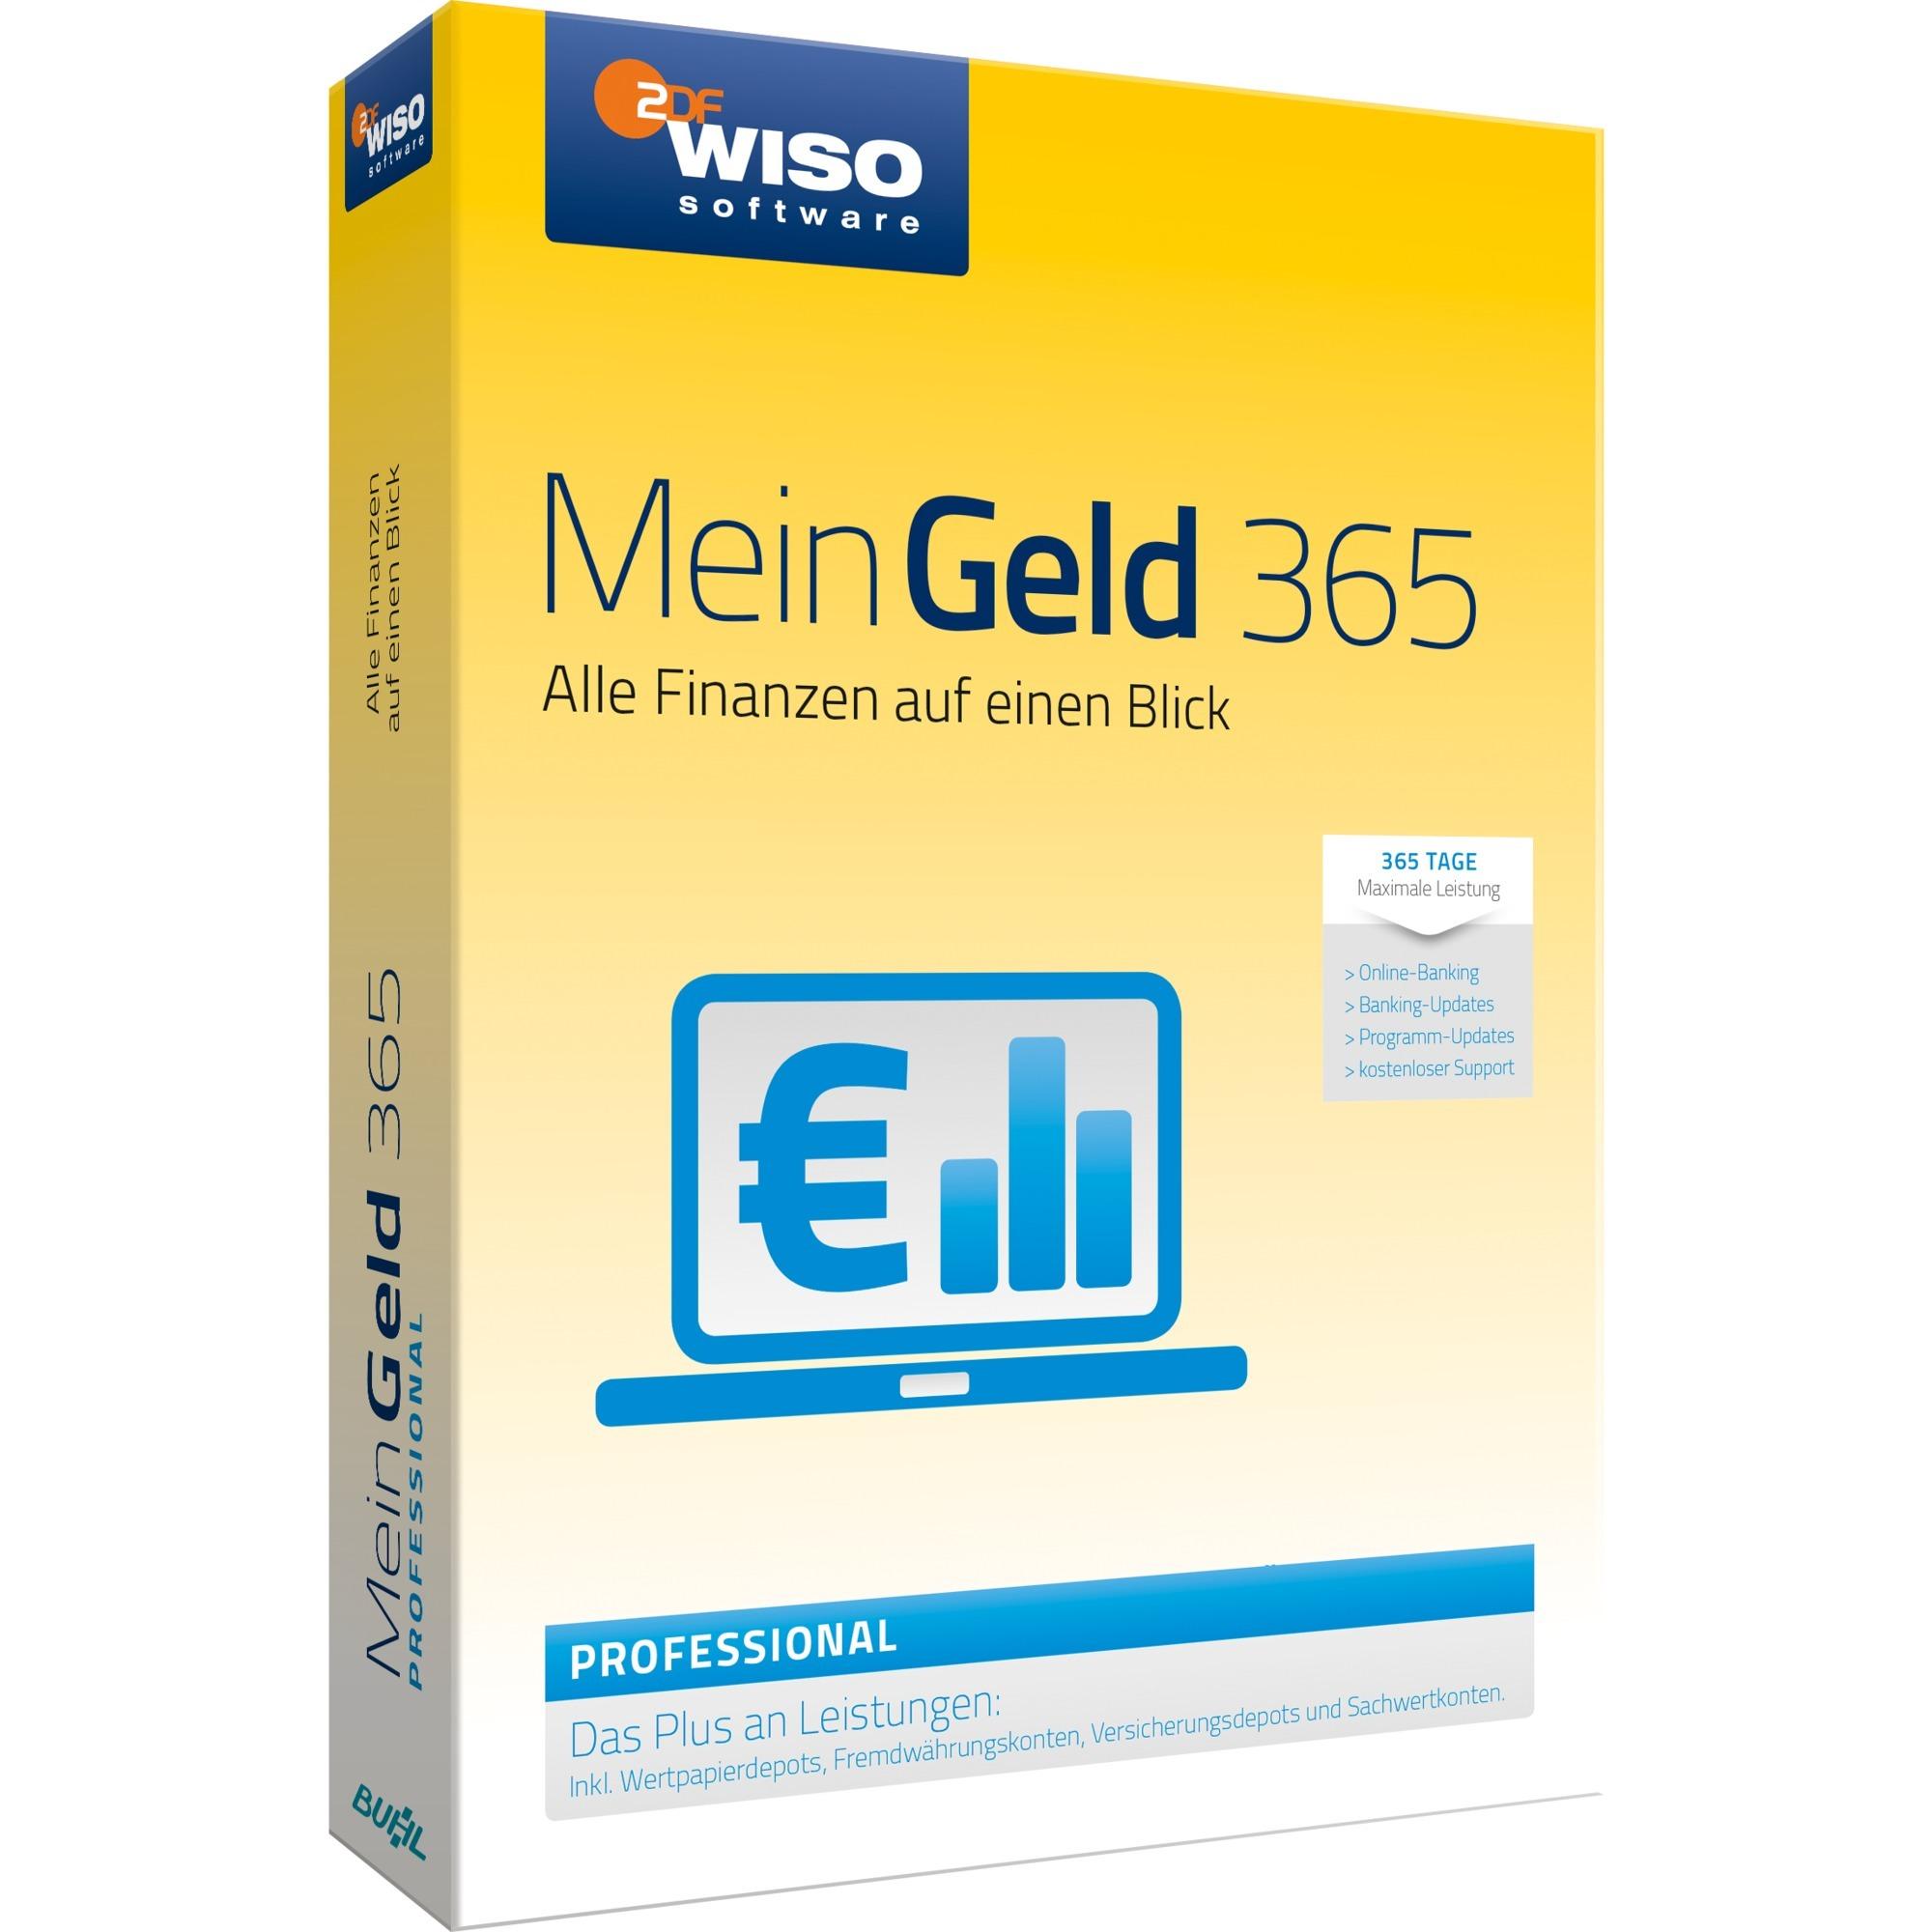 WISO Mein Geld 365 Pro, Software